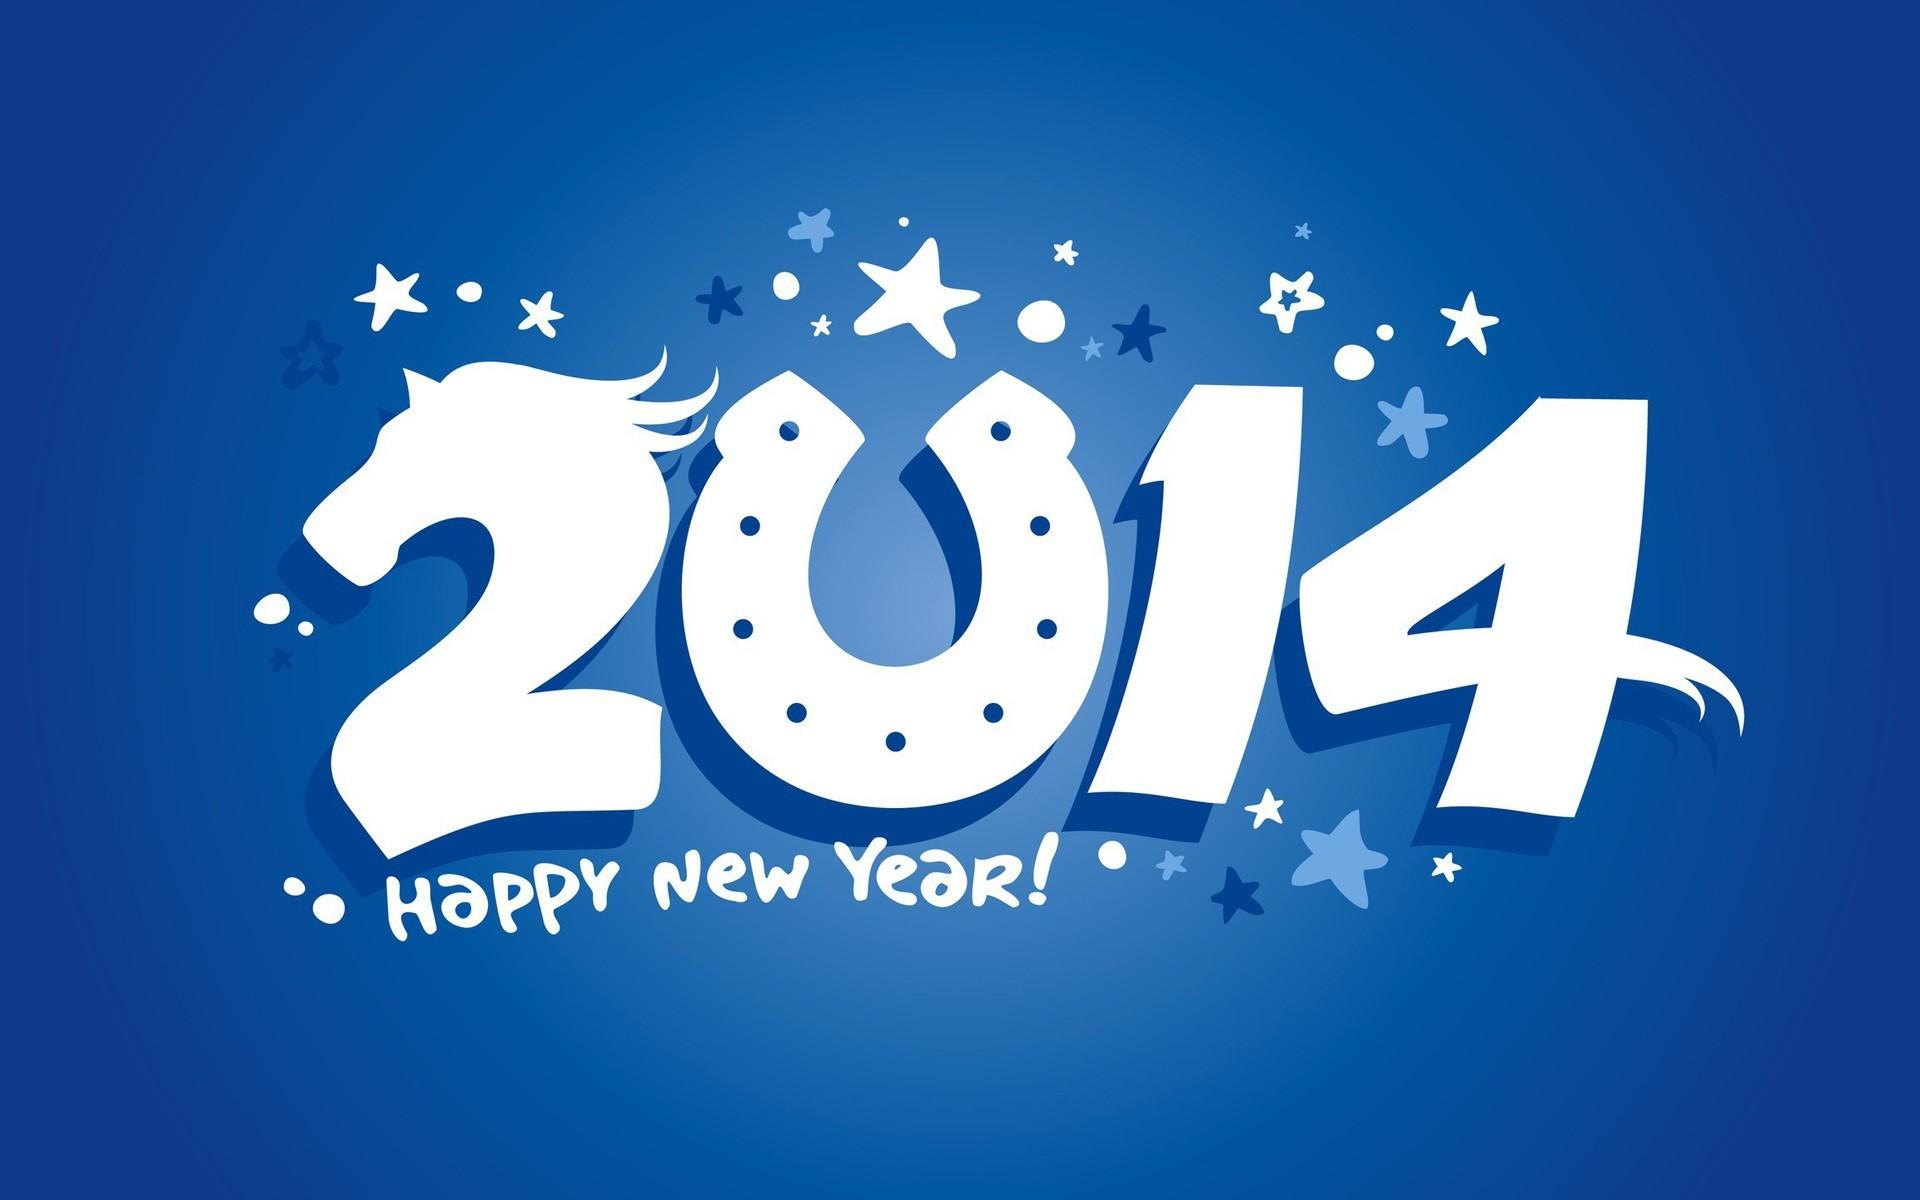 Картинки новый год 2014 прикольные